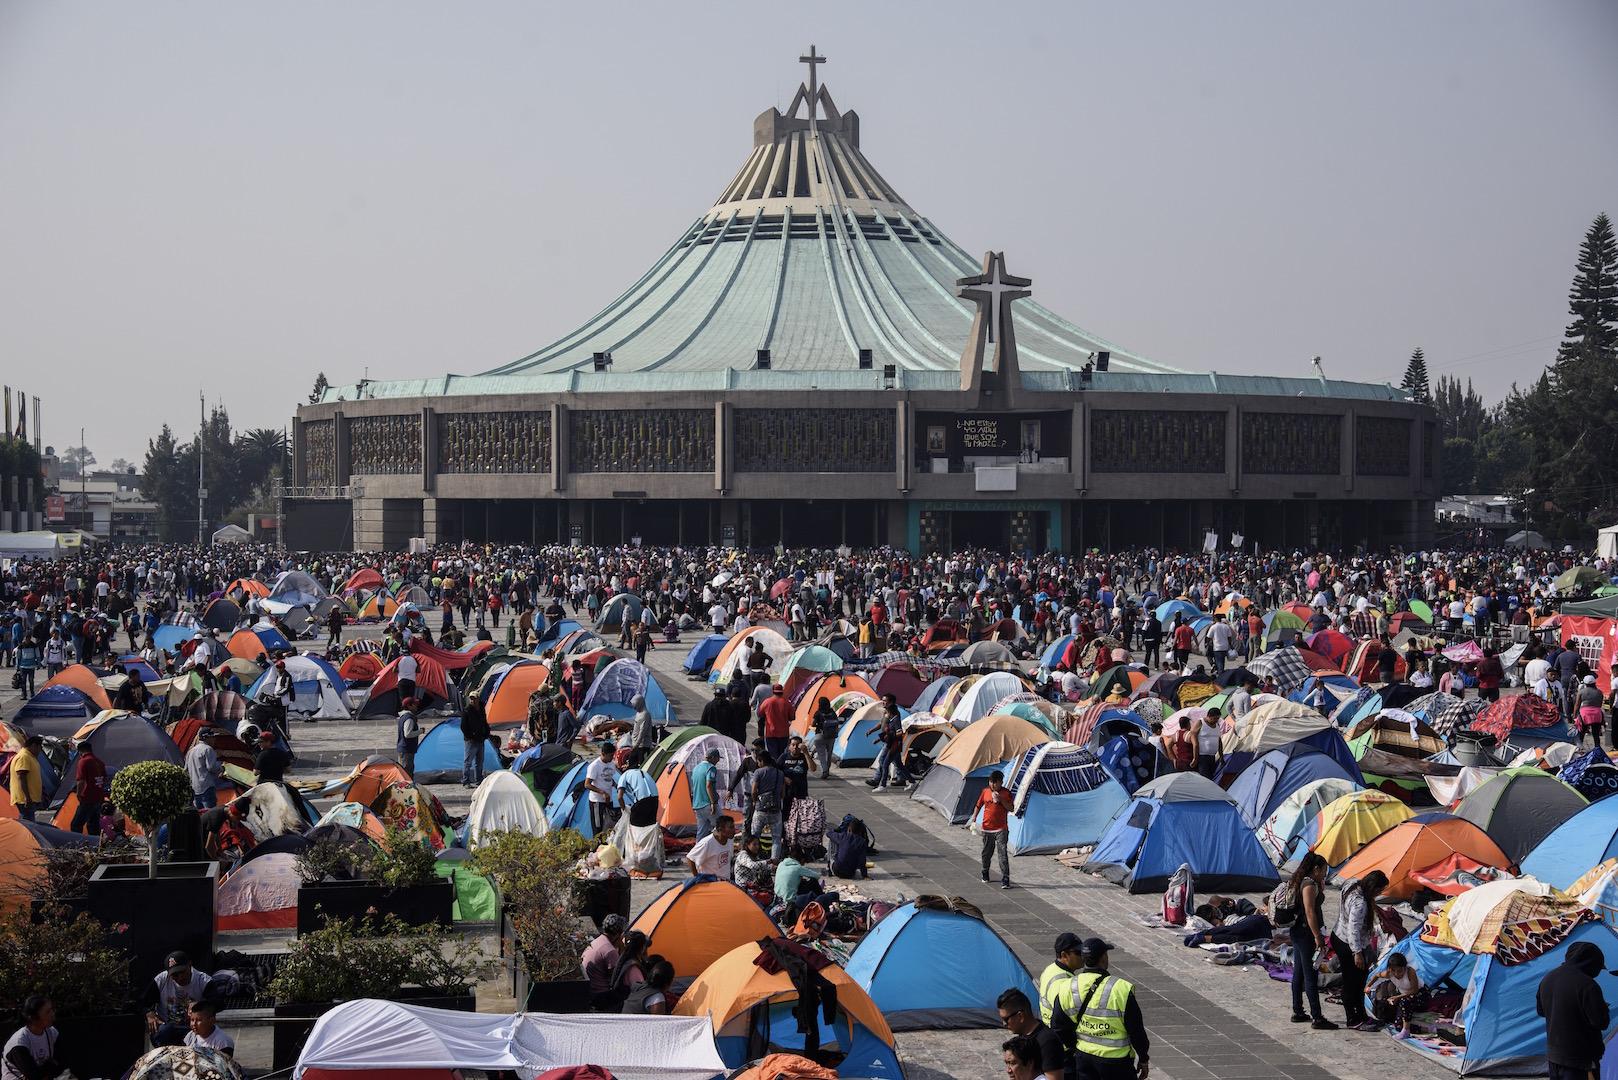 Peregrinos dejaron más de 700 toneladas de basura en su camino a la Basílica de Guadalupe